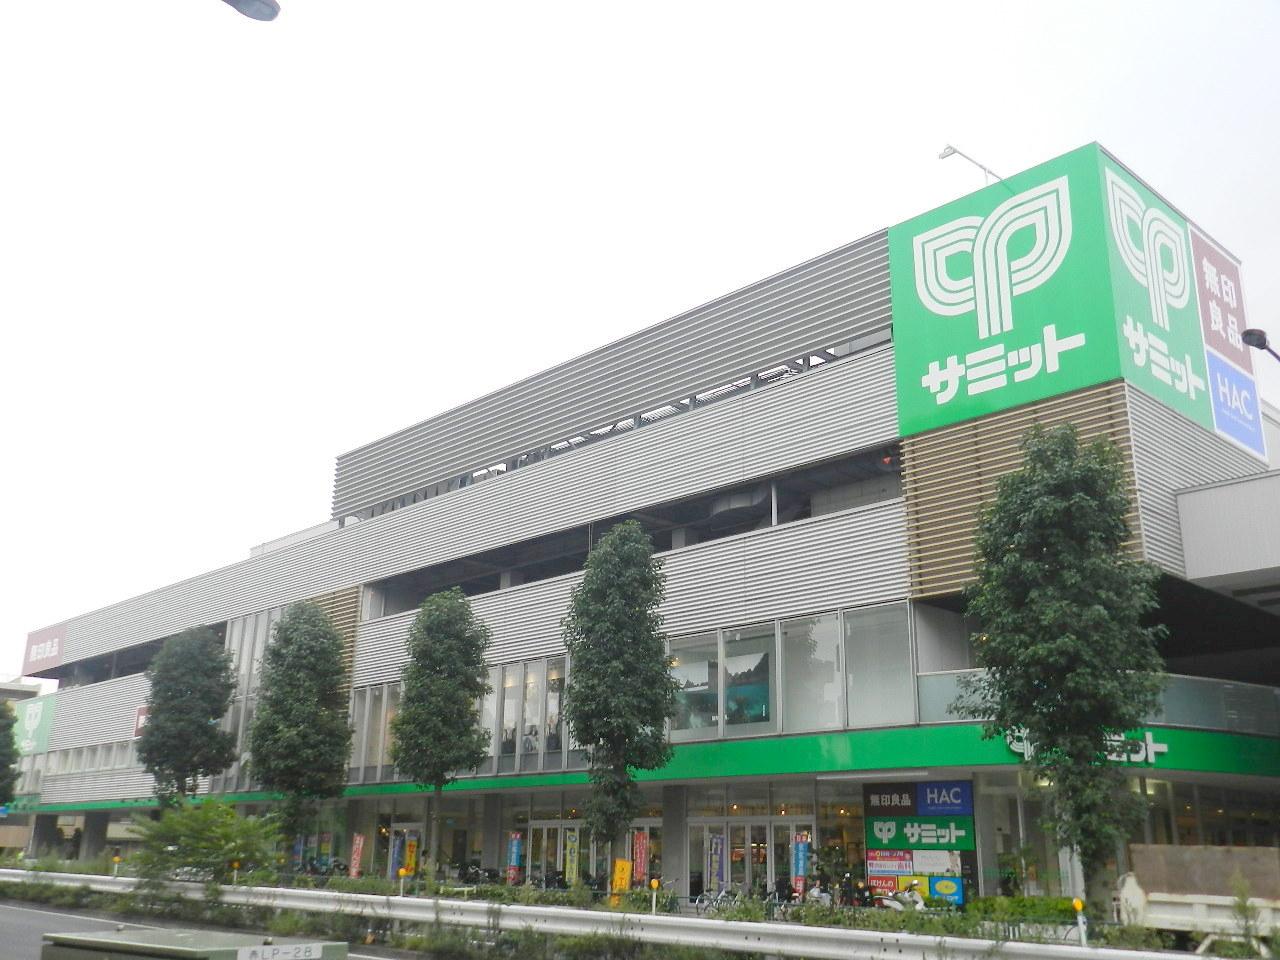 スーパー:サミットストア 砧環八通り店 392m